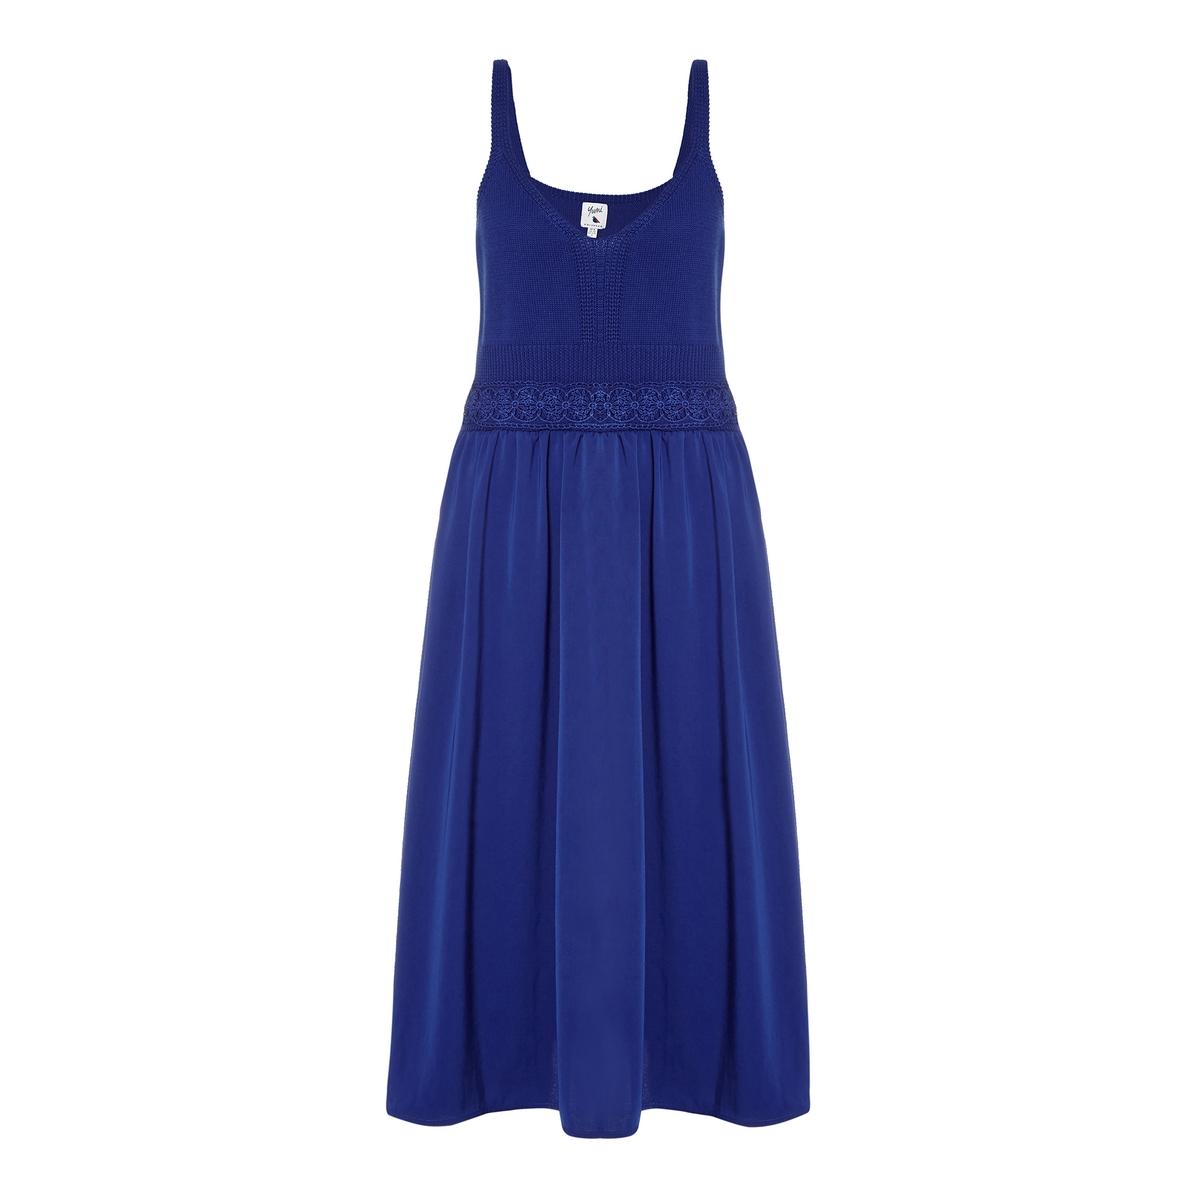 Платье длинное с тонкими бретелямиМатериал : 55% акрила, 45% хлопка   Длина рукава : тонкие бретели   Форма воротника : круглый вырез  Покрой платья : длинное платье  Рисунок : однотонная модель    Длина платья : длинное<br><br>Цвет: синий